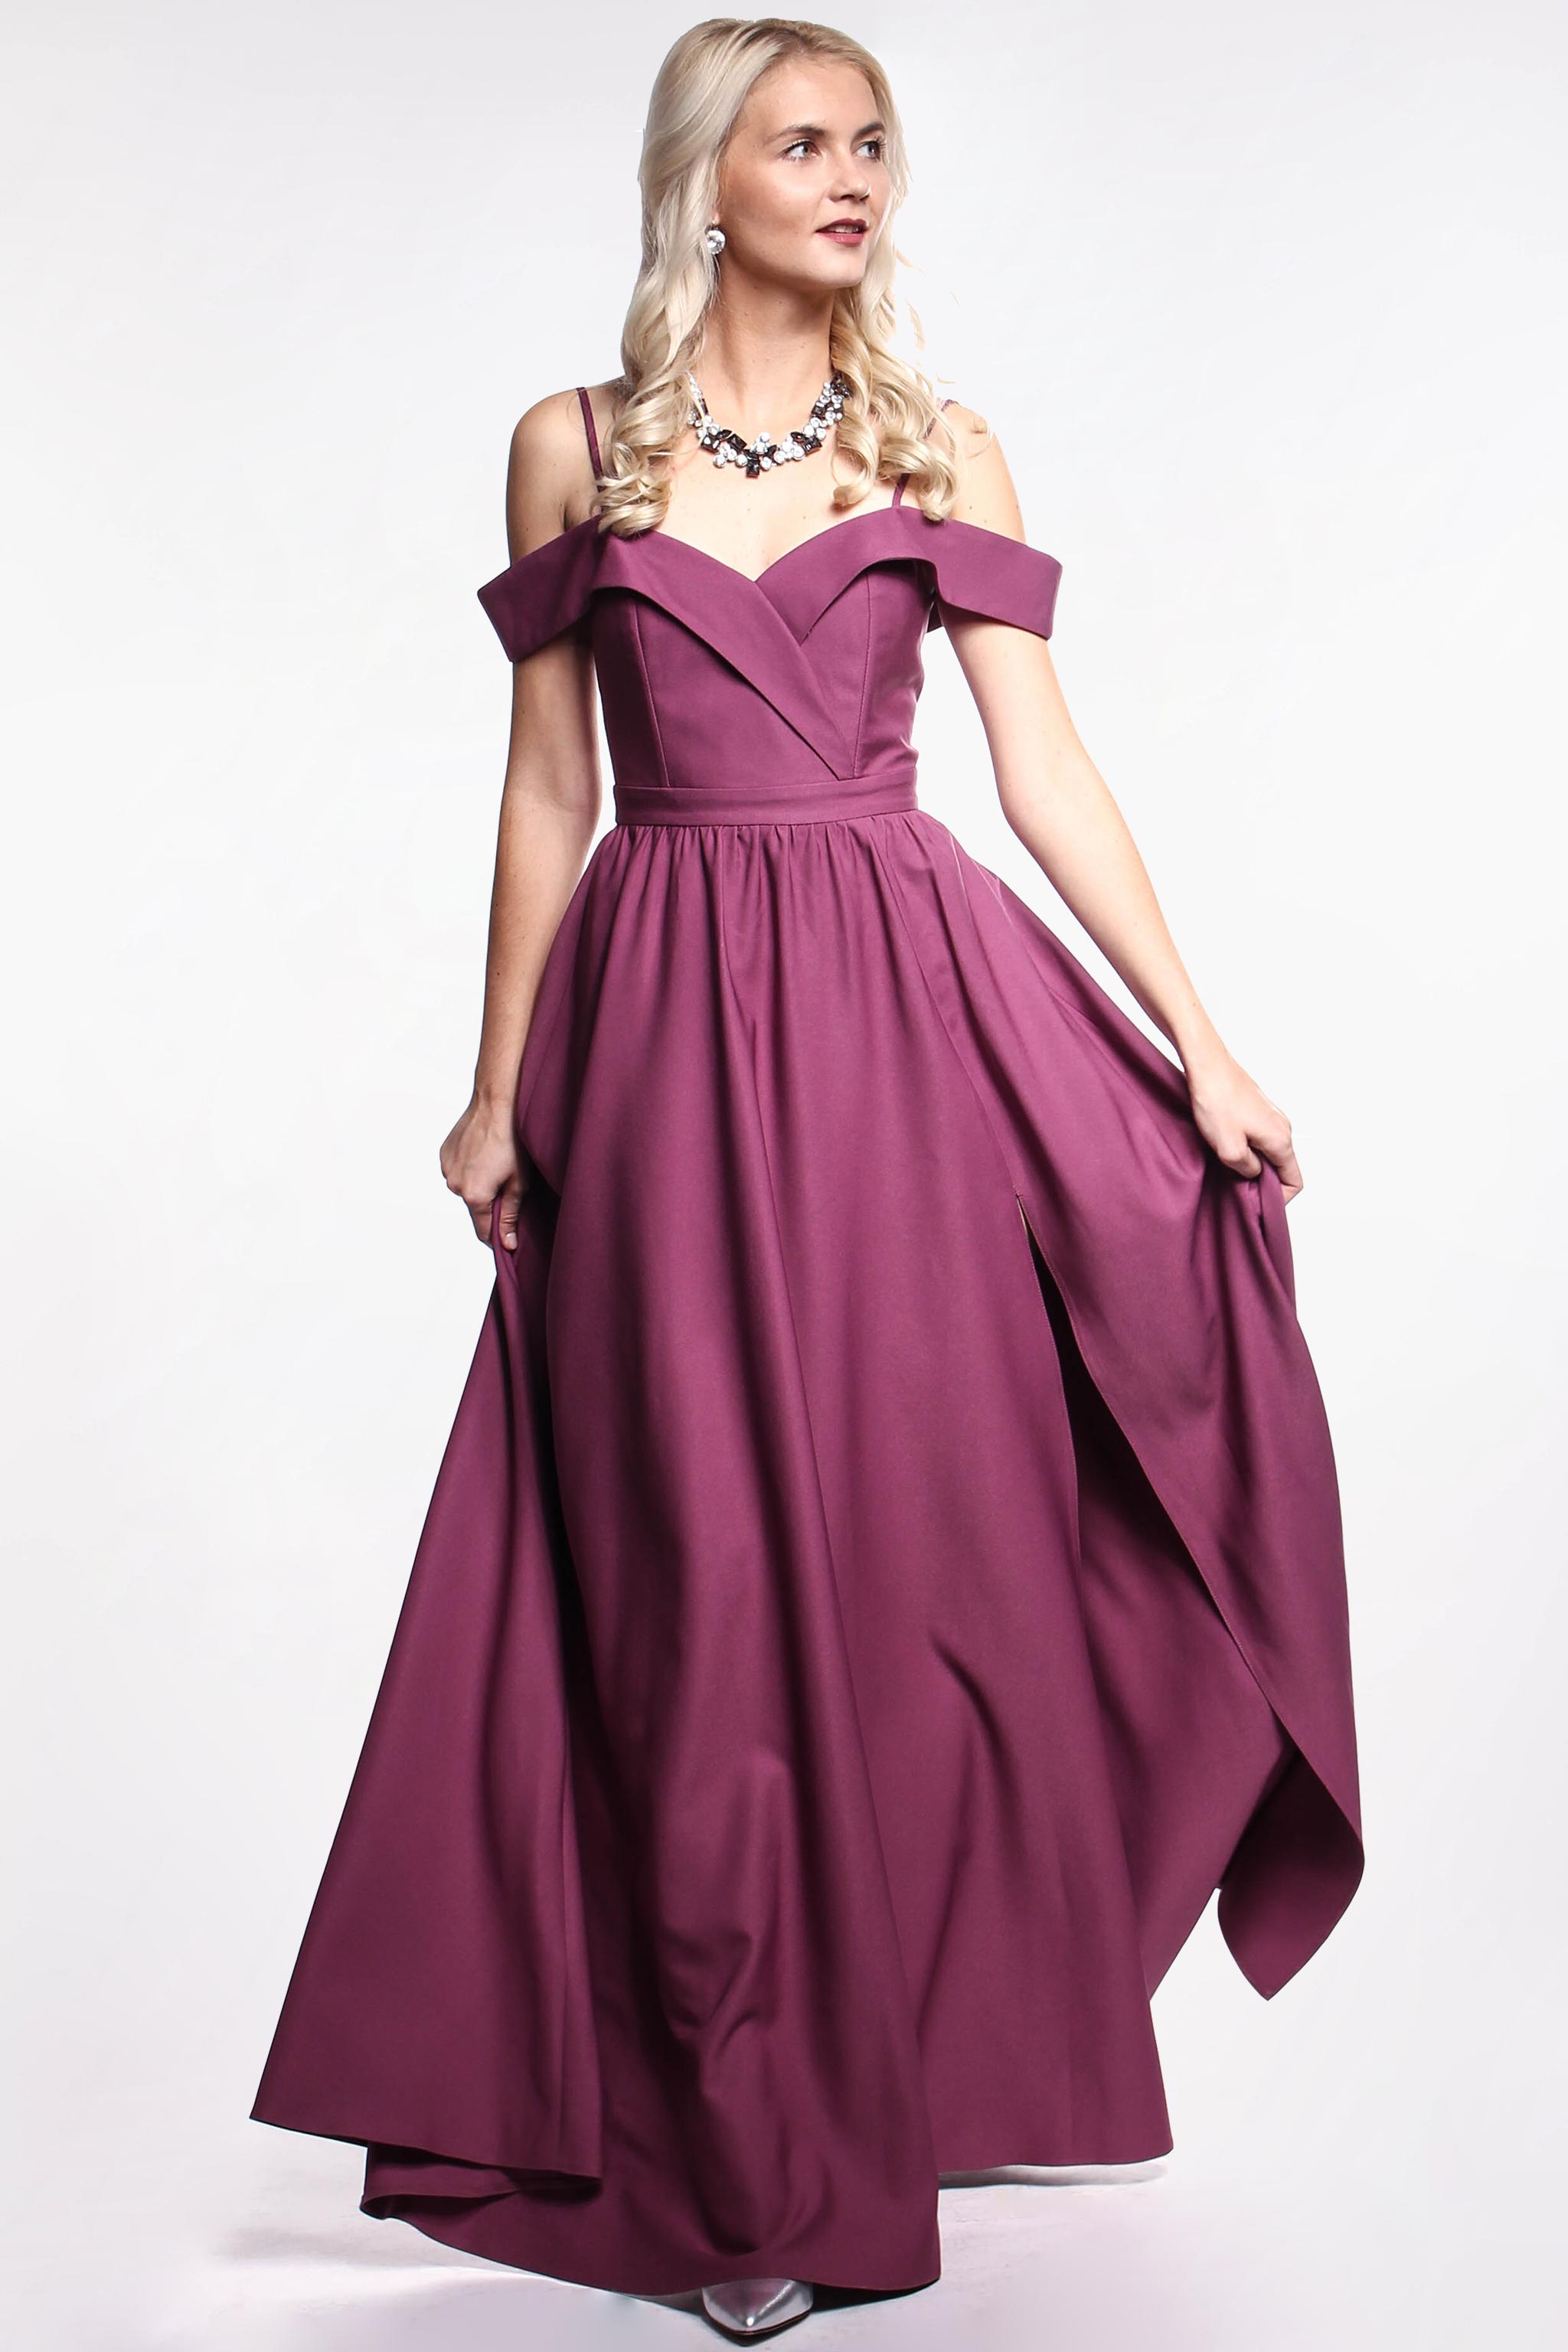 EMO Fialové plesové šaty - Glami.sk 0cf88b2f217